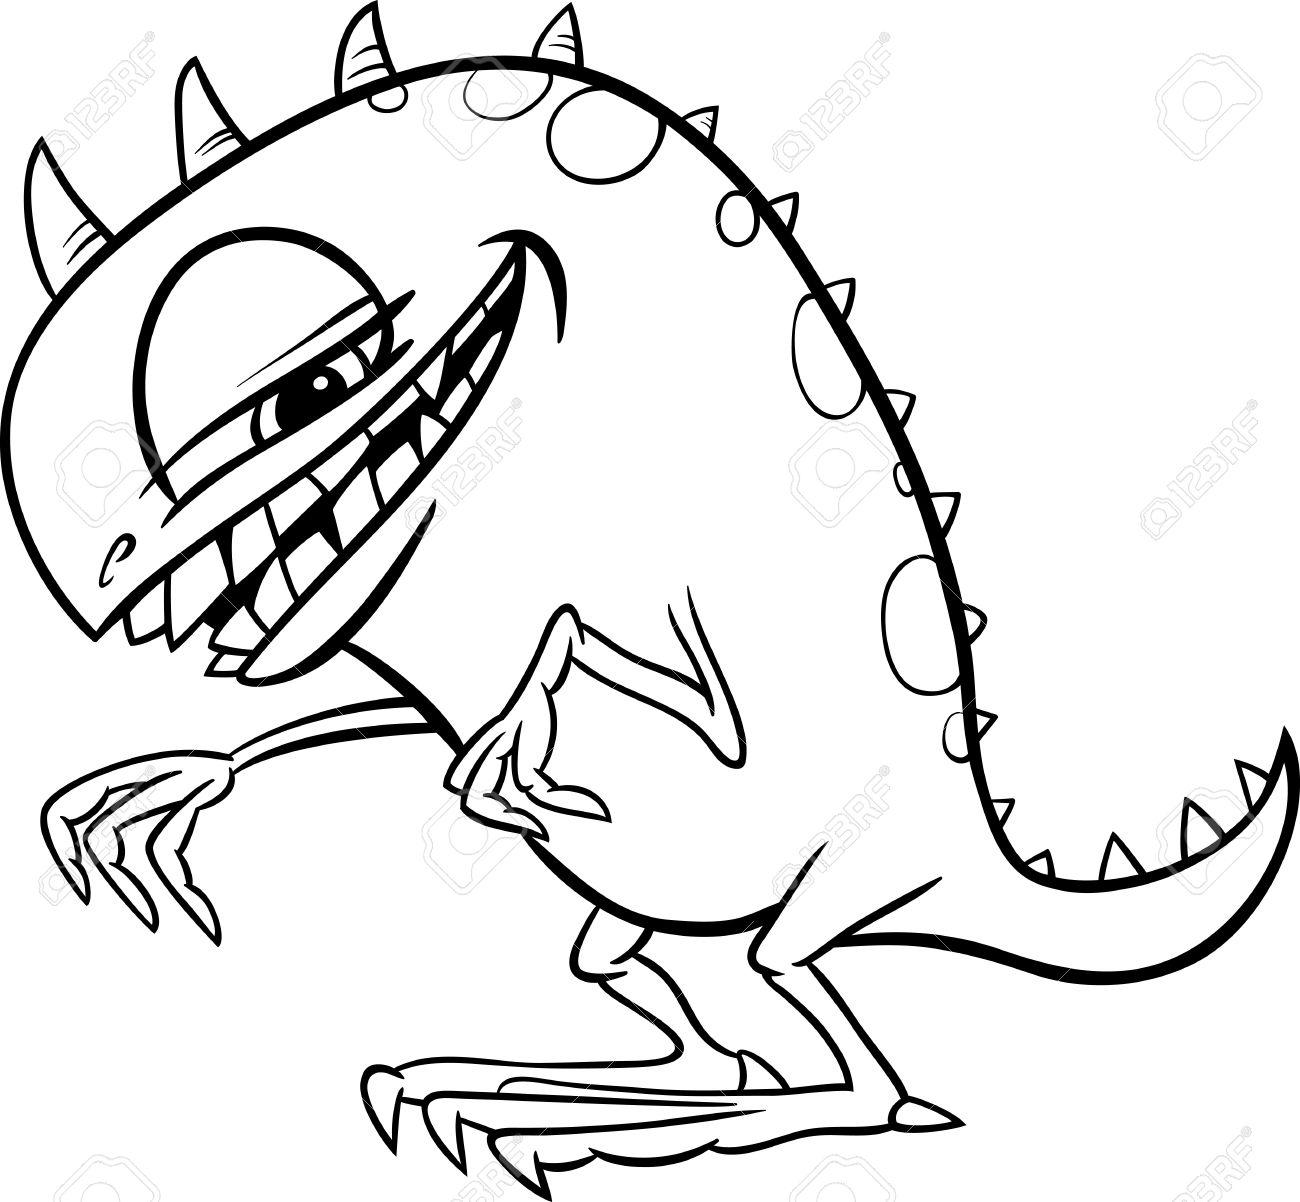 Famoso Caracteres Altos Monstruo Para Colorear Regalo - Enmarcado ...